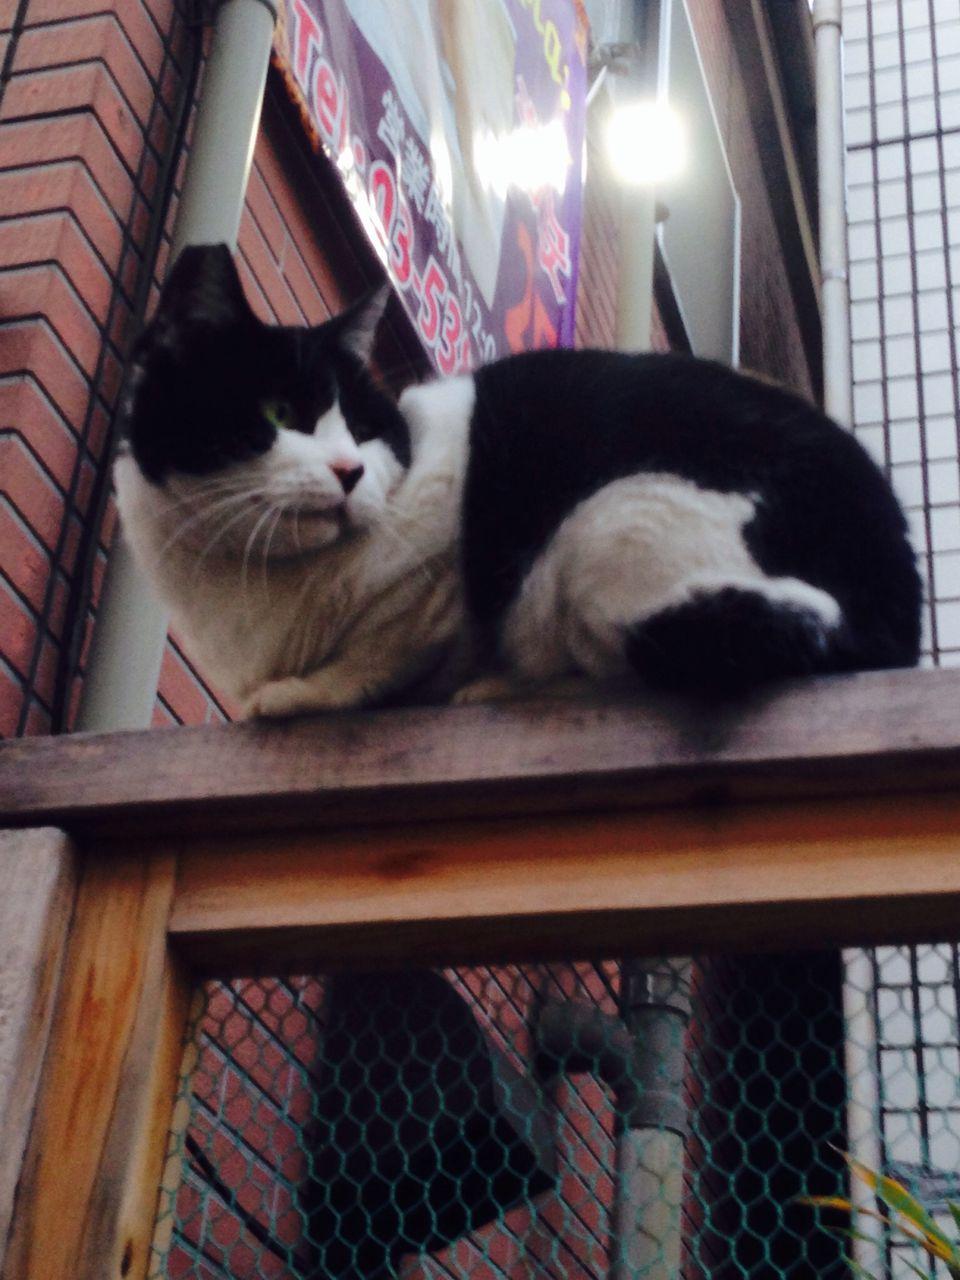 image カメラ目線とか絶対しない大久保の野良猫。 うーん。実にニヒル。 ビーボ... ニヒル